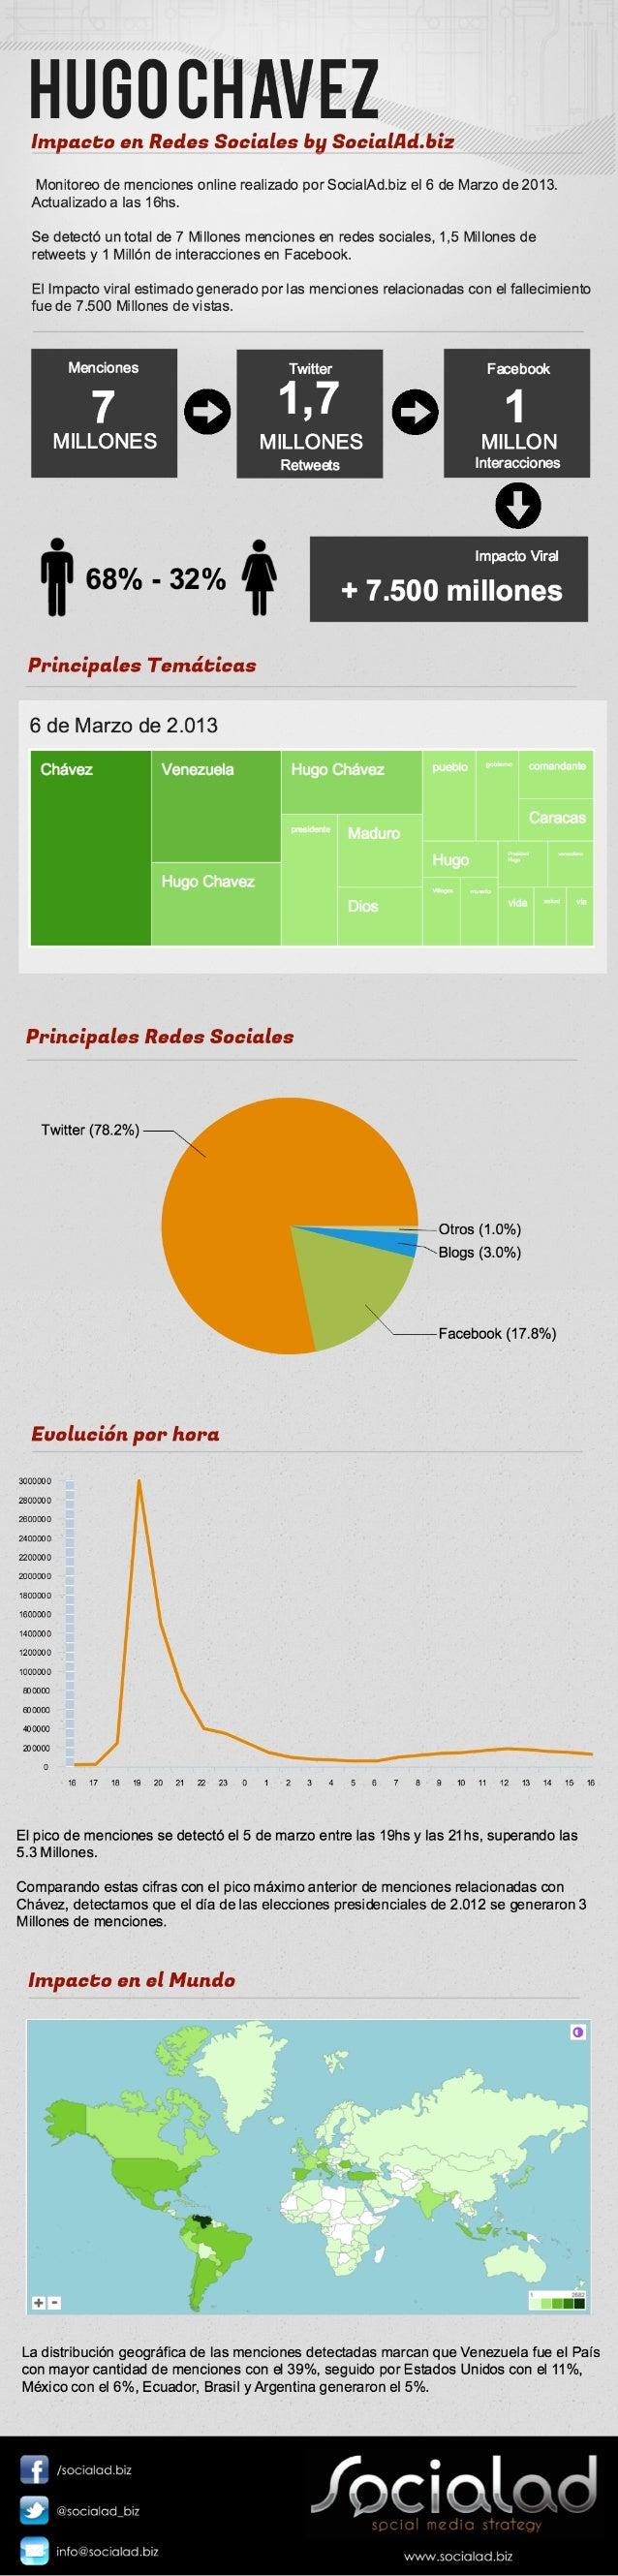 Impacto en redes sociales sobre la muerte de Hugo Chávez by SocialAd. Actualización 6 de Marzo 16hs